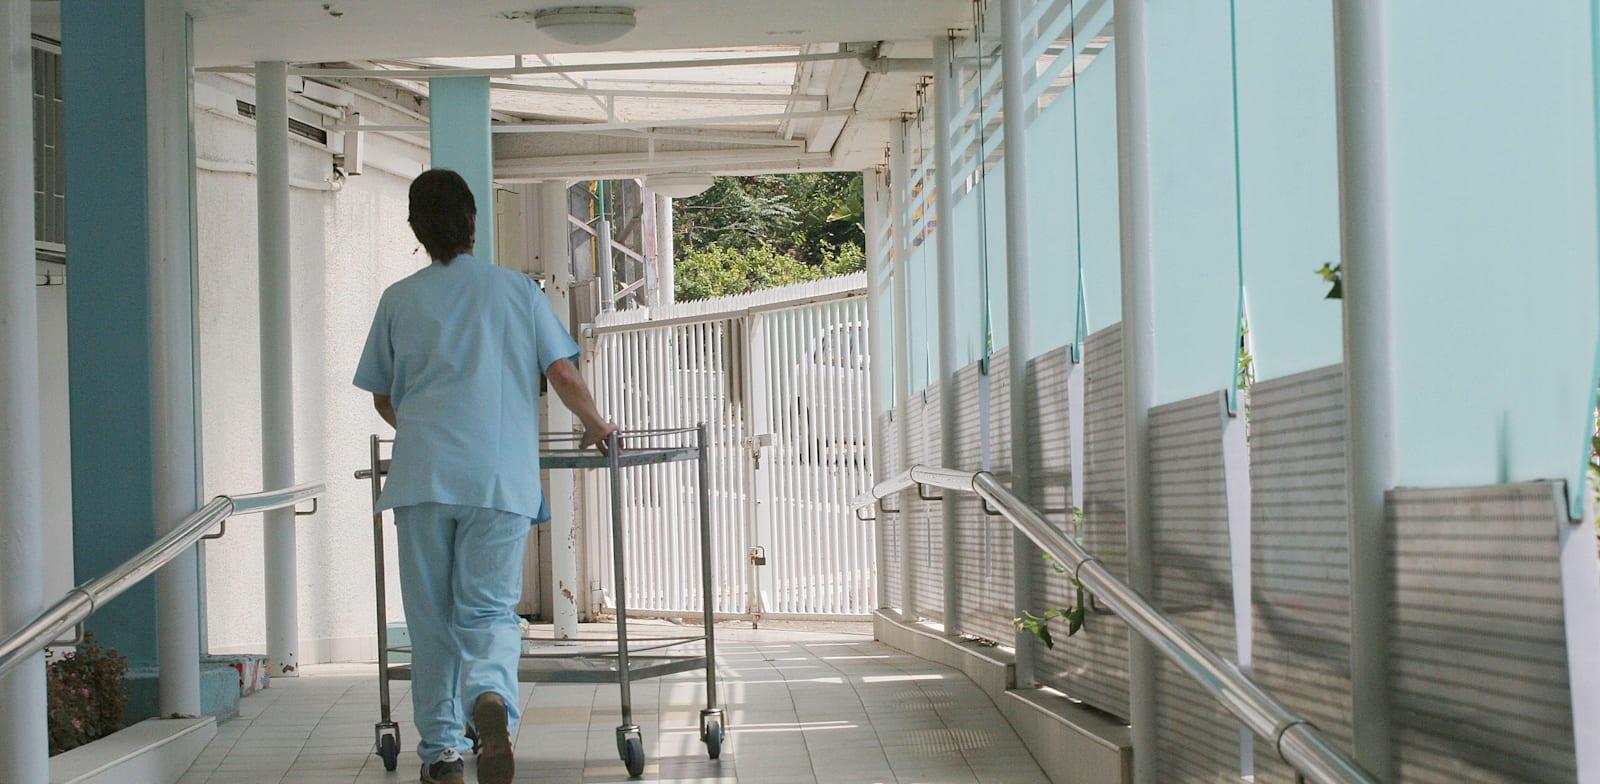 מסדרון של בית חולים / צילום: עינת לברון